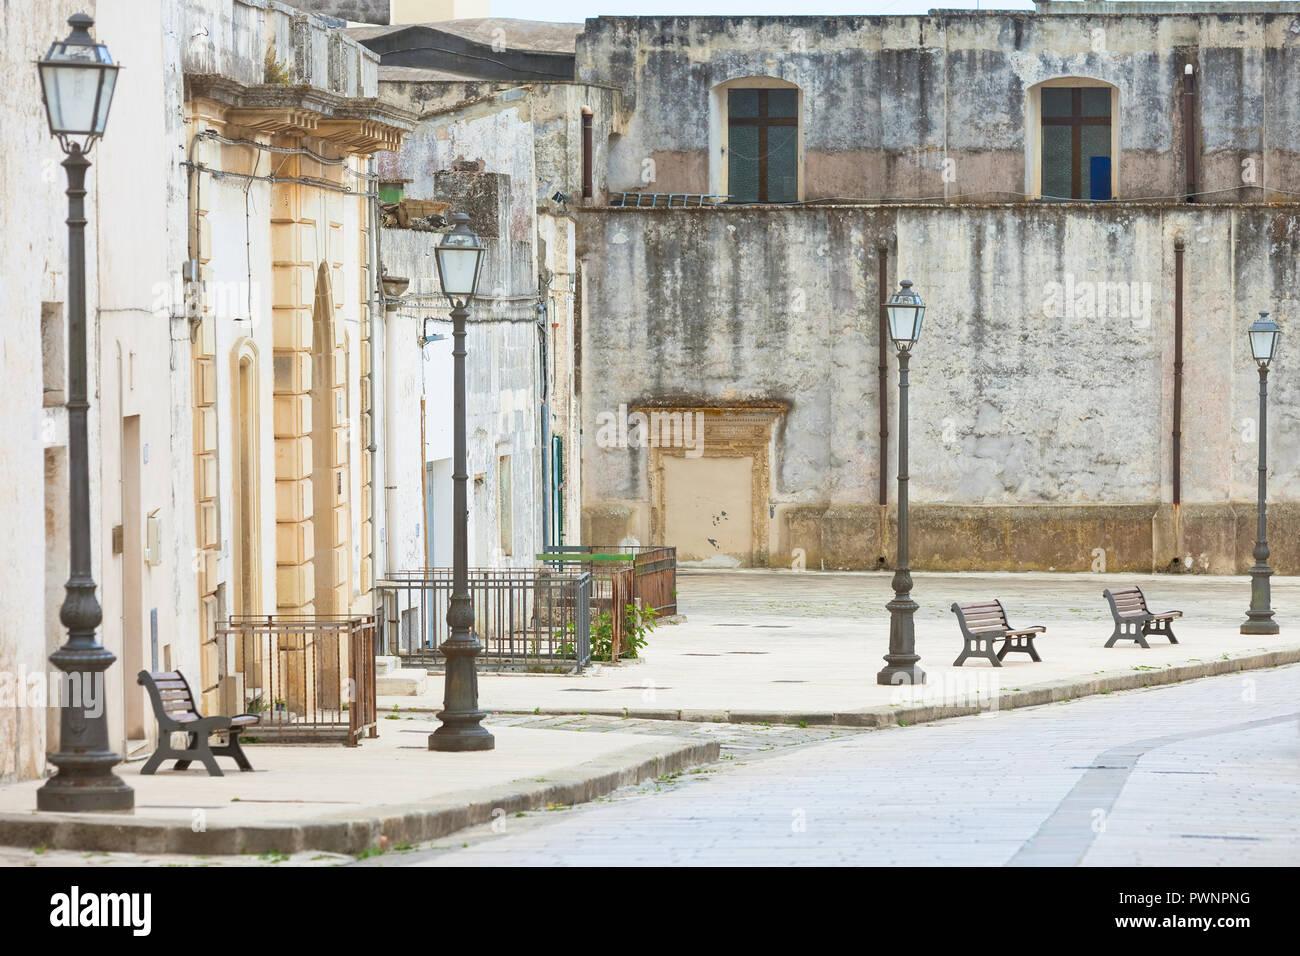 Specchia, Apulien, Italien - Besuch der historischen Altstadt von Specchia Stockfoto